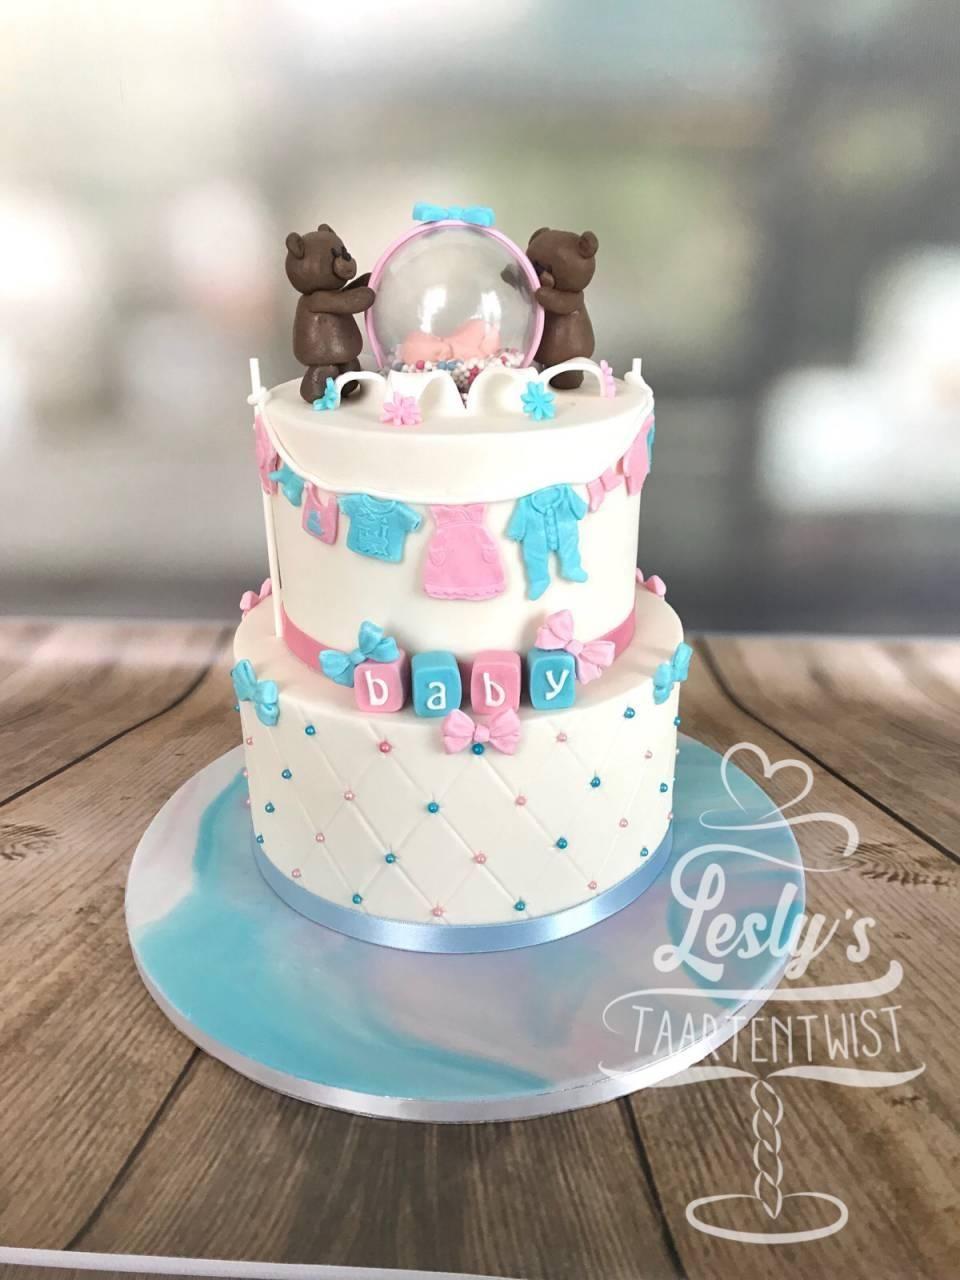 baby reveal taart met beren